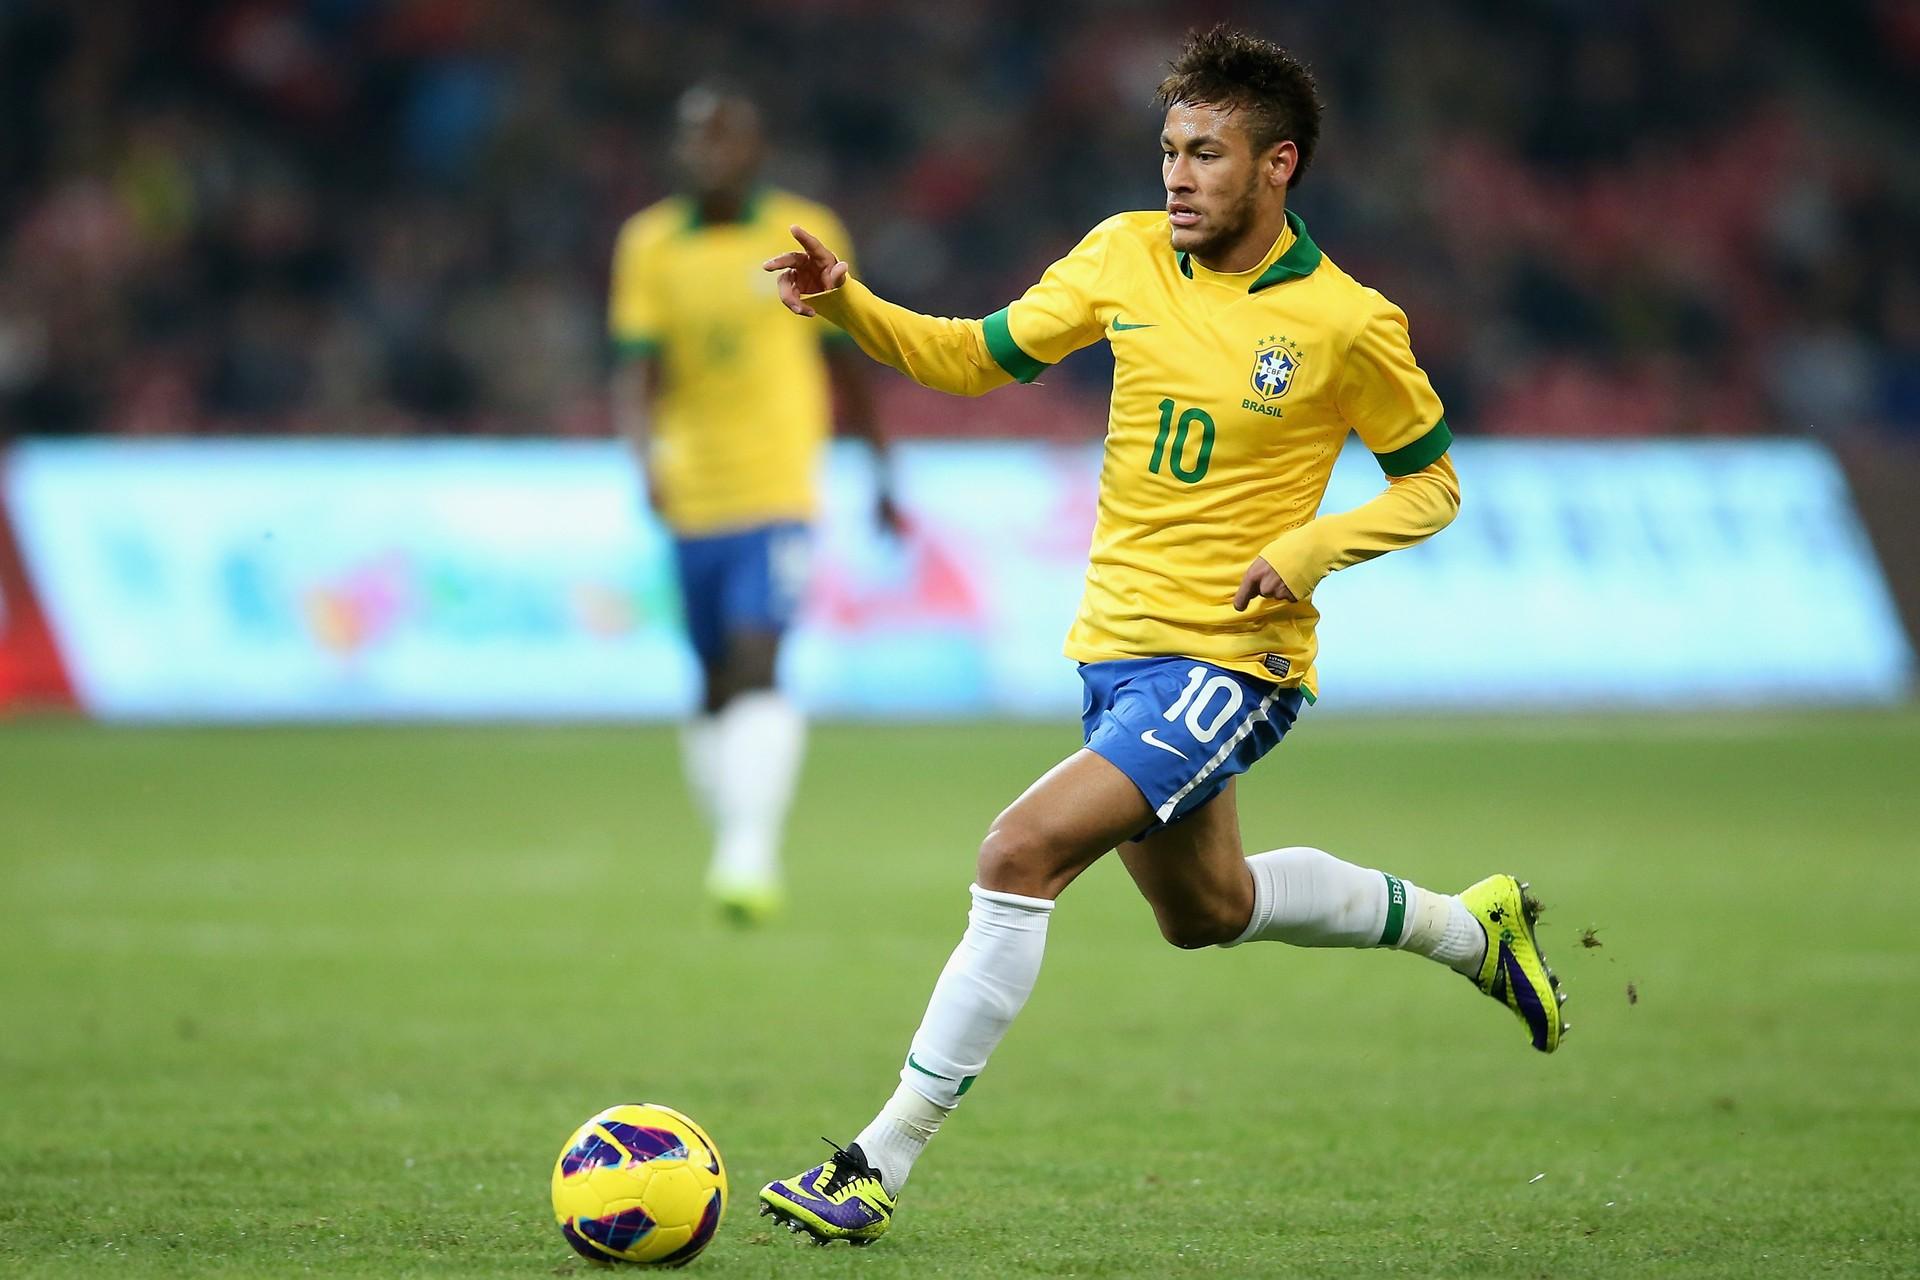 Artesanato Lembrancinhas Passo A Passo ~ Pastor acredita que fé ajudará Neymar na Copa do Mundo Oramos por ele